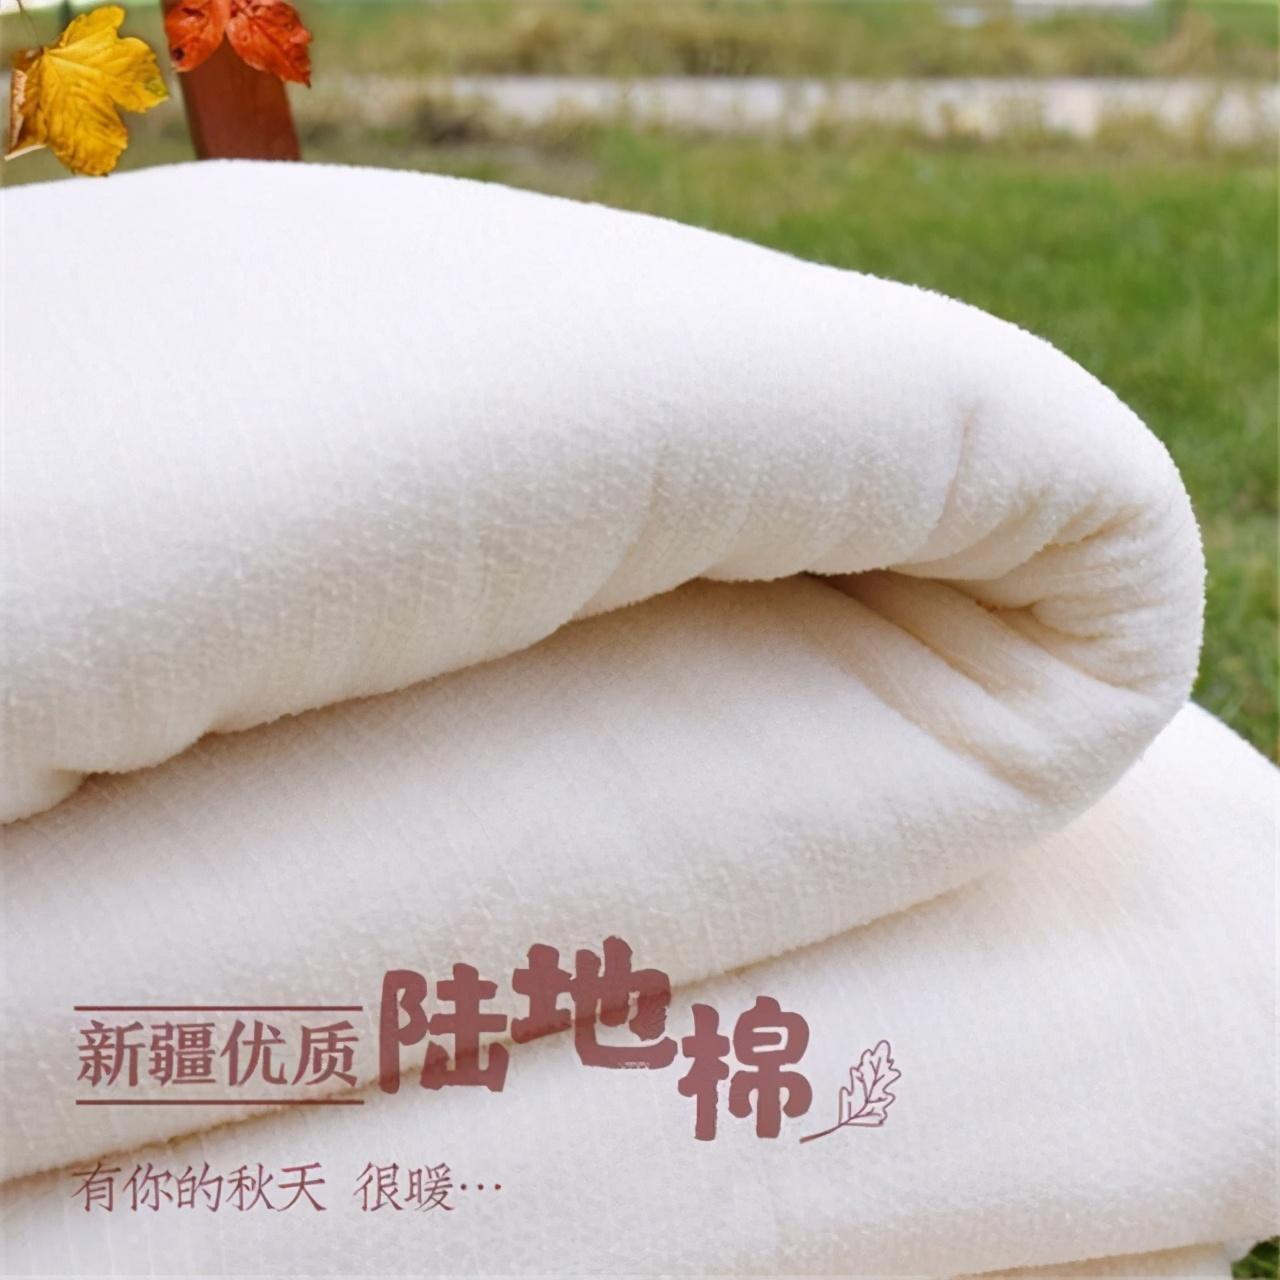 一夜市值蒸发687亿!打错对中国棉花的算盘,耐克损失惨重 市值蒸发 中国棉花 耐克 第4张